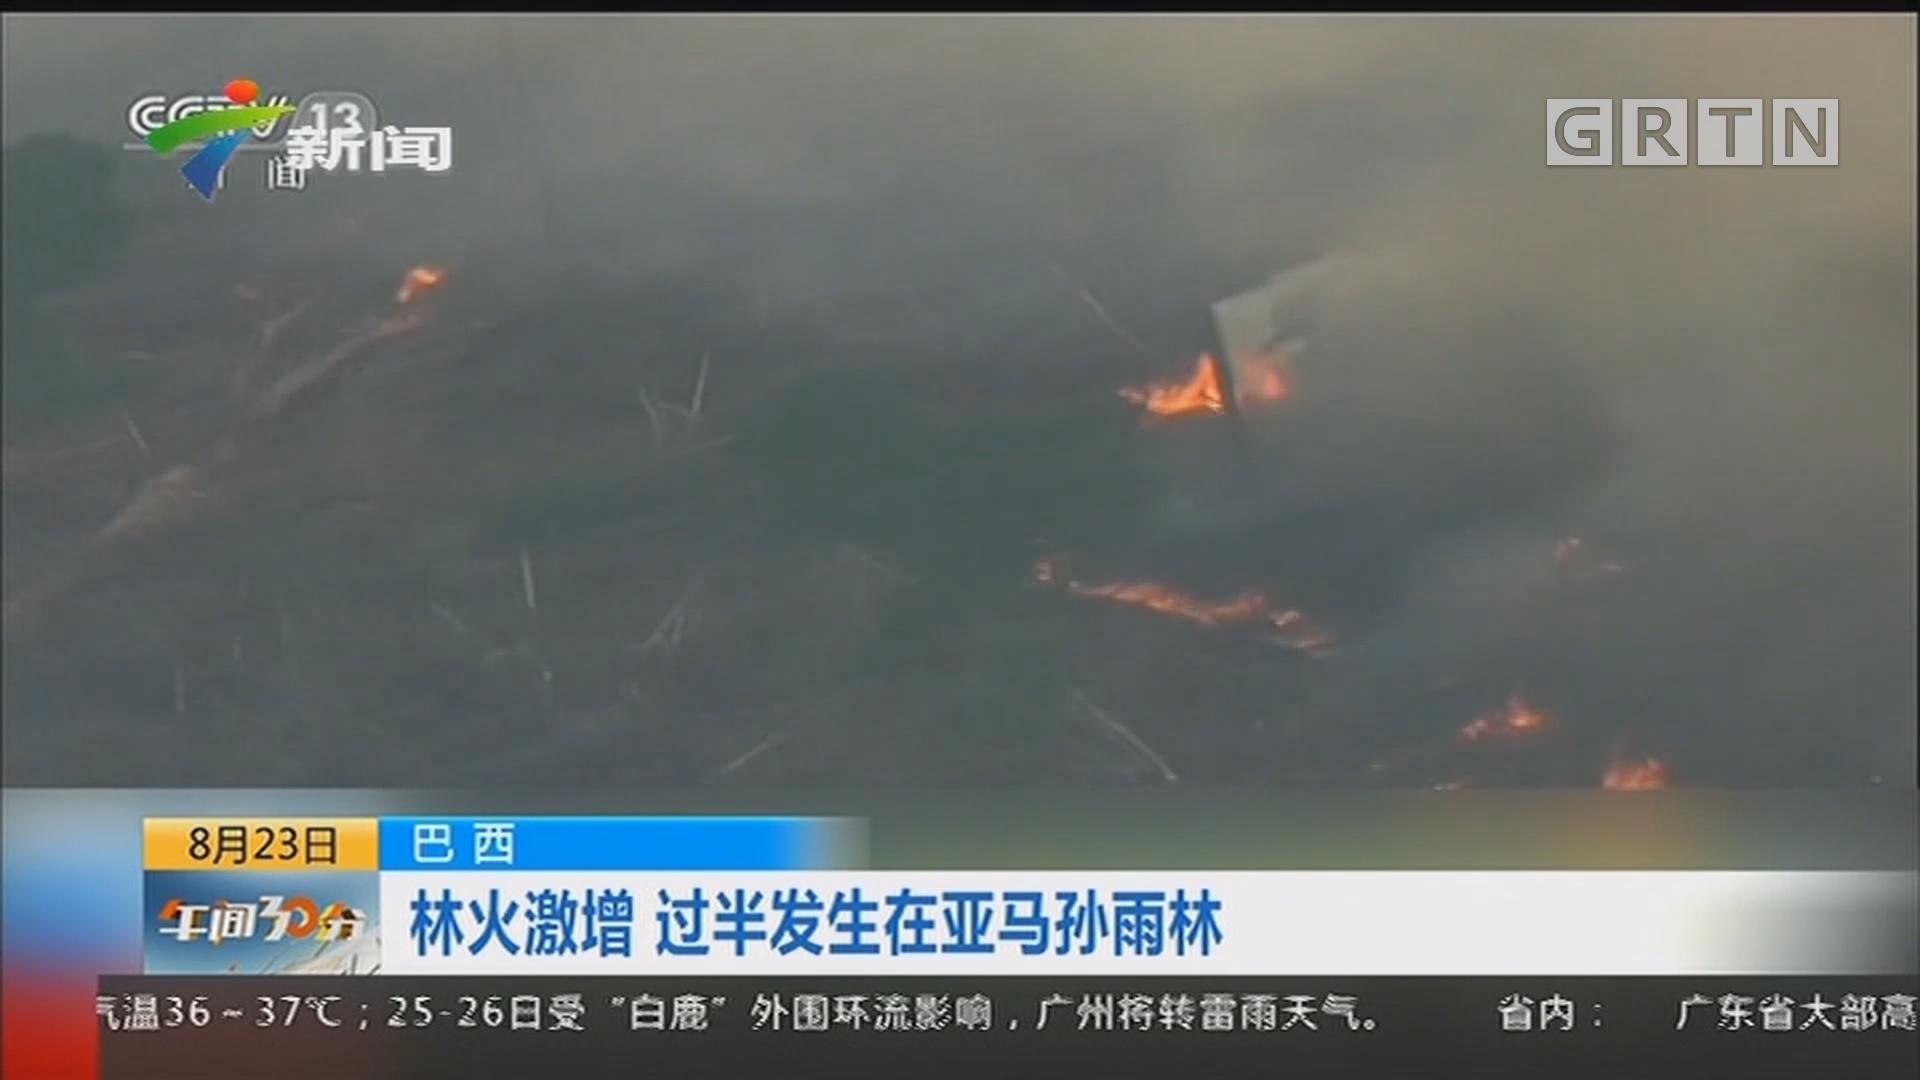 巴西:林火激增 过半发生在亚马孙雨林